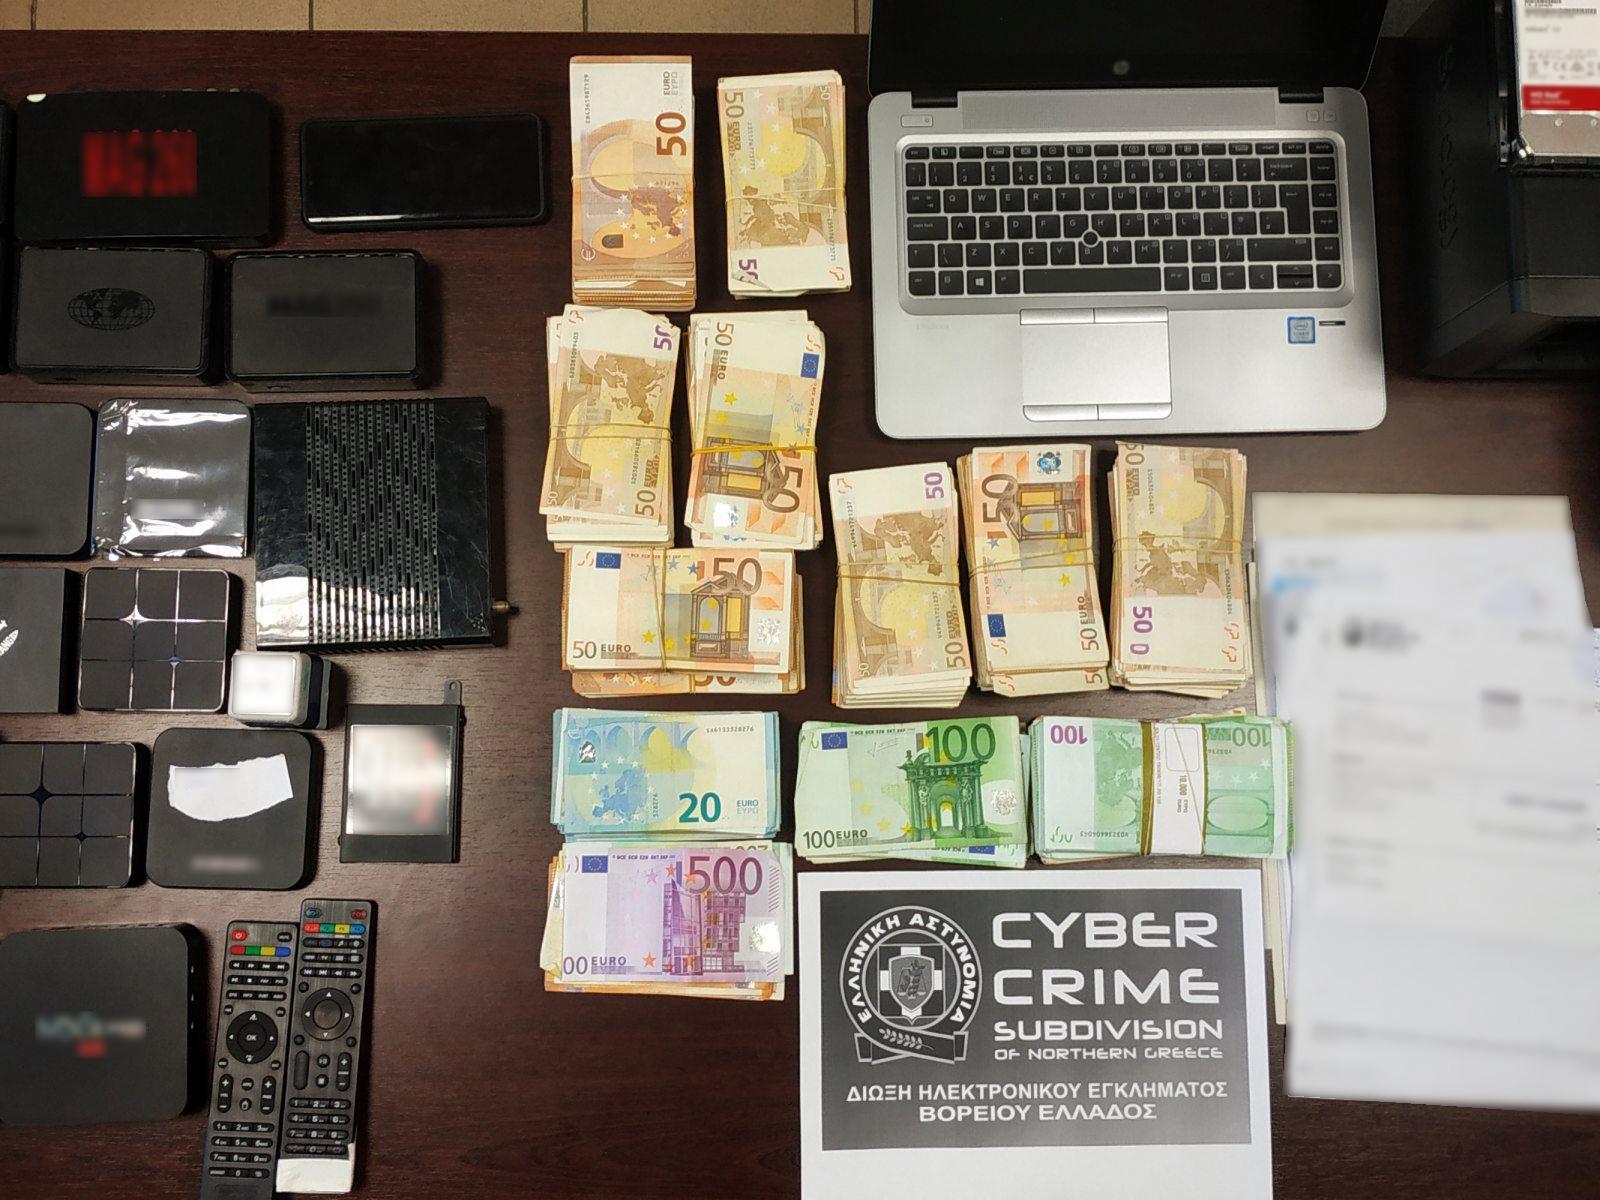 Διεθνής απάτη εκατομμυρίων ευρώ με παράνομη συνδρομητική τηλεόραση